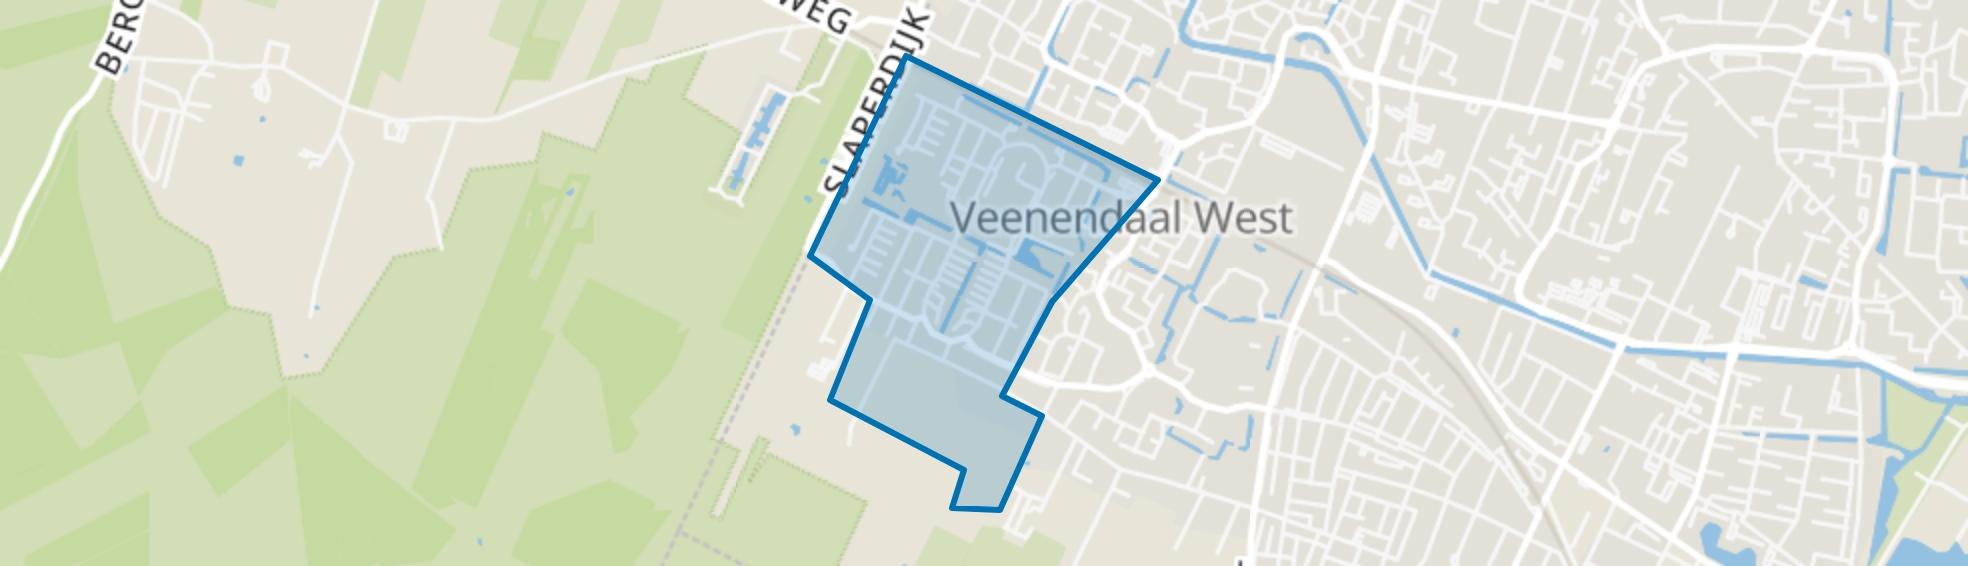 Dichtersbuurt, Veenendaal map